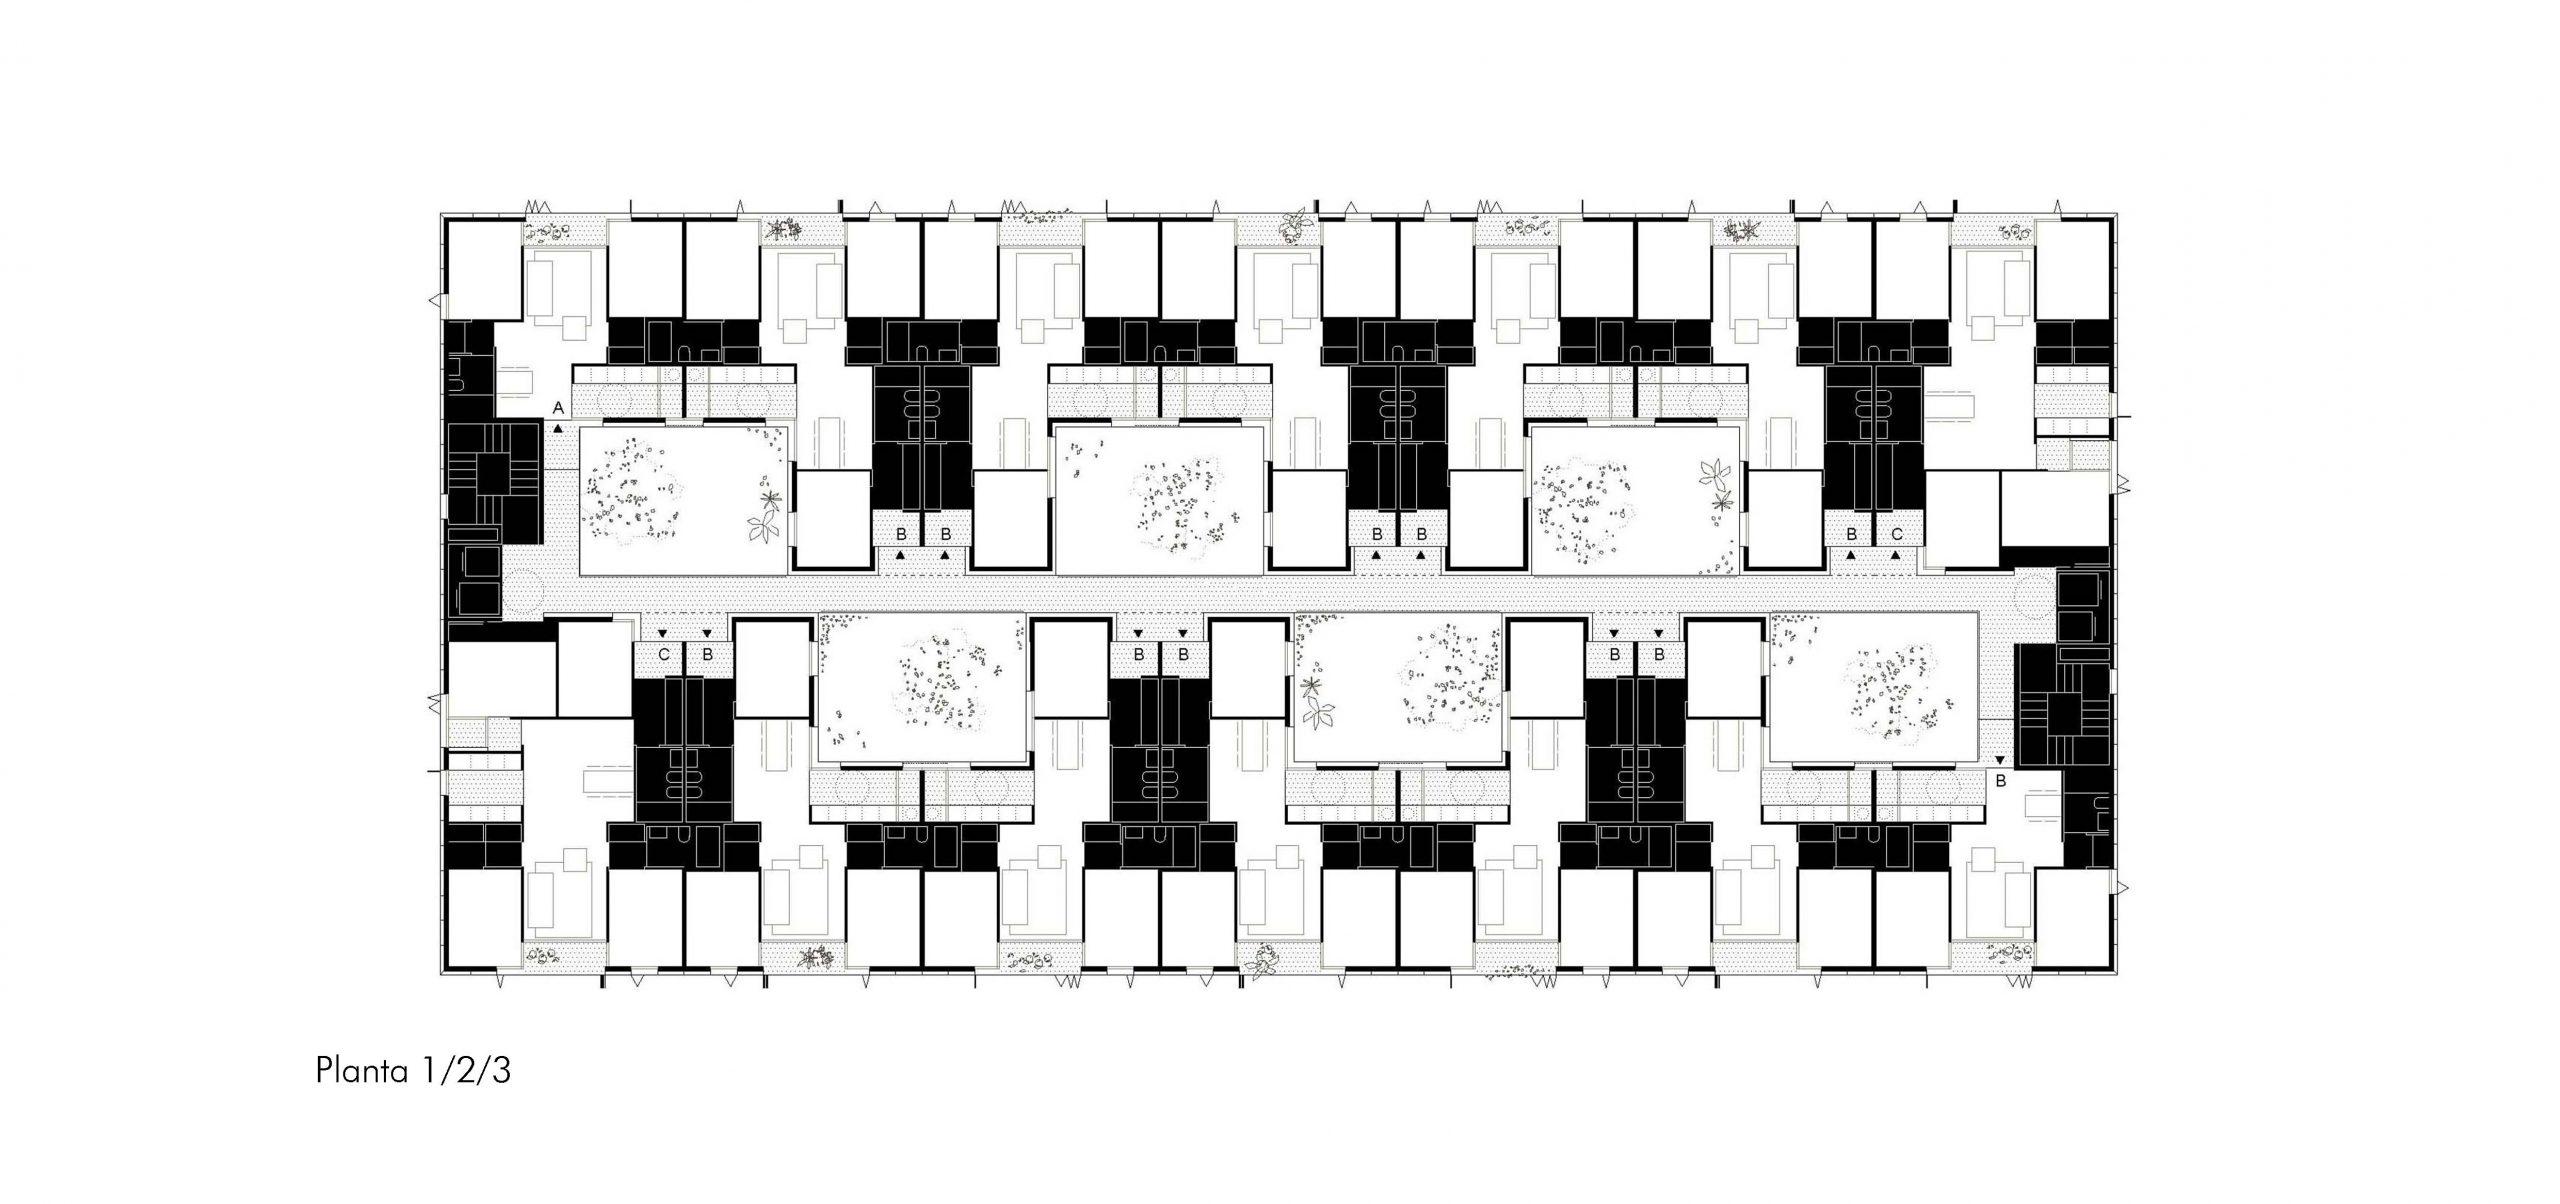 plano planta 1-2-3